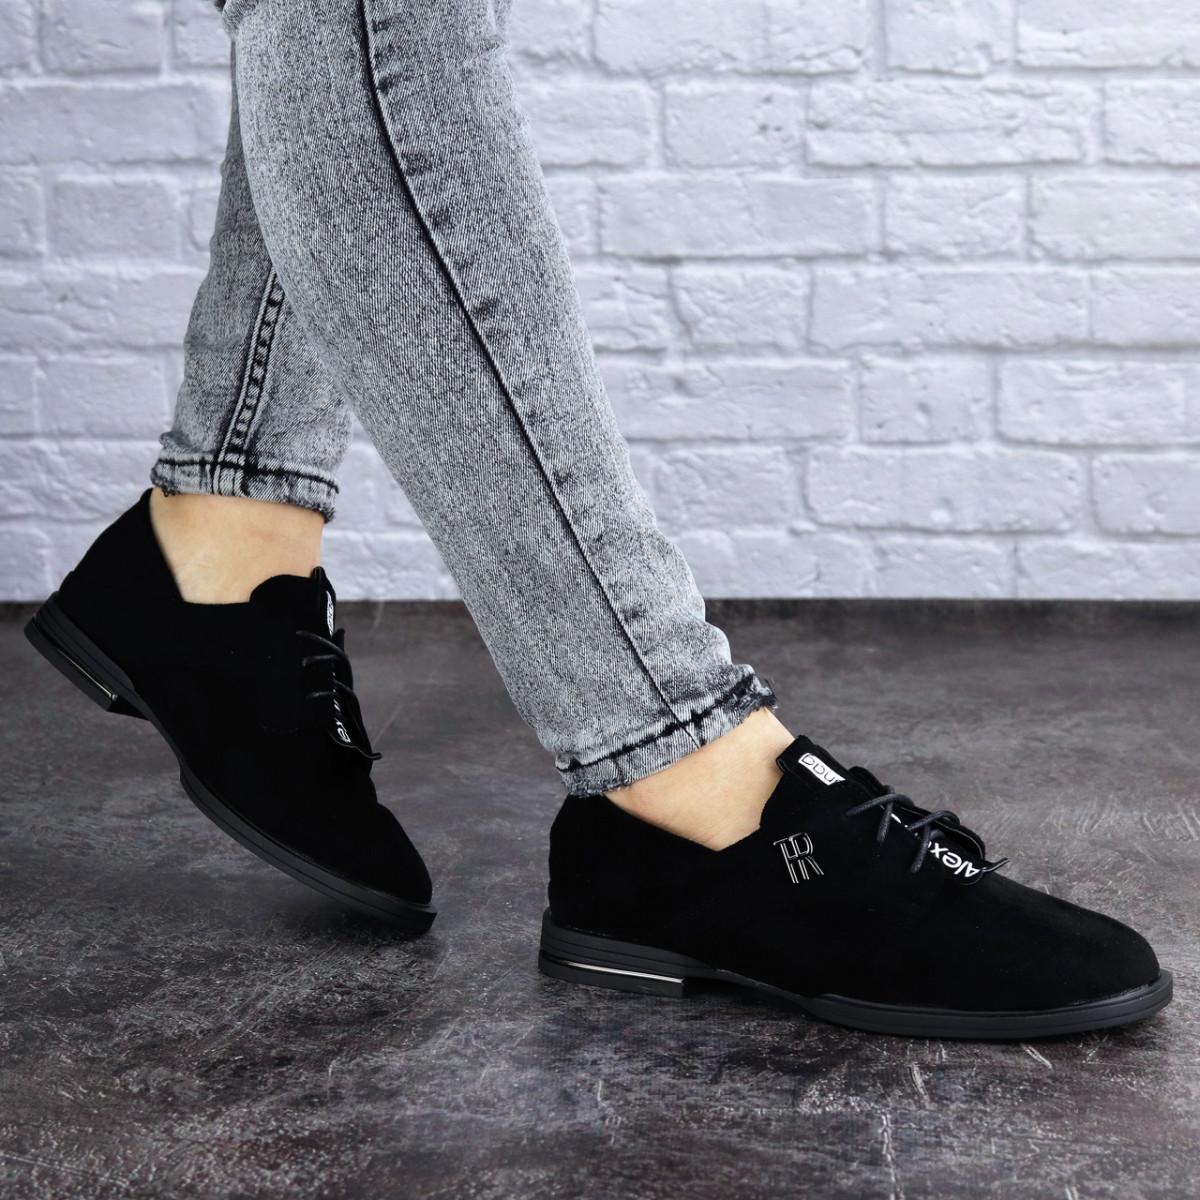 Жіночі туфлі Fashion Trent 2023 37 розмір 23,5 см Чорний